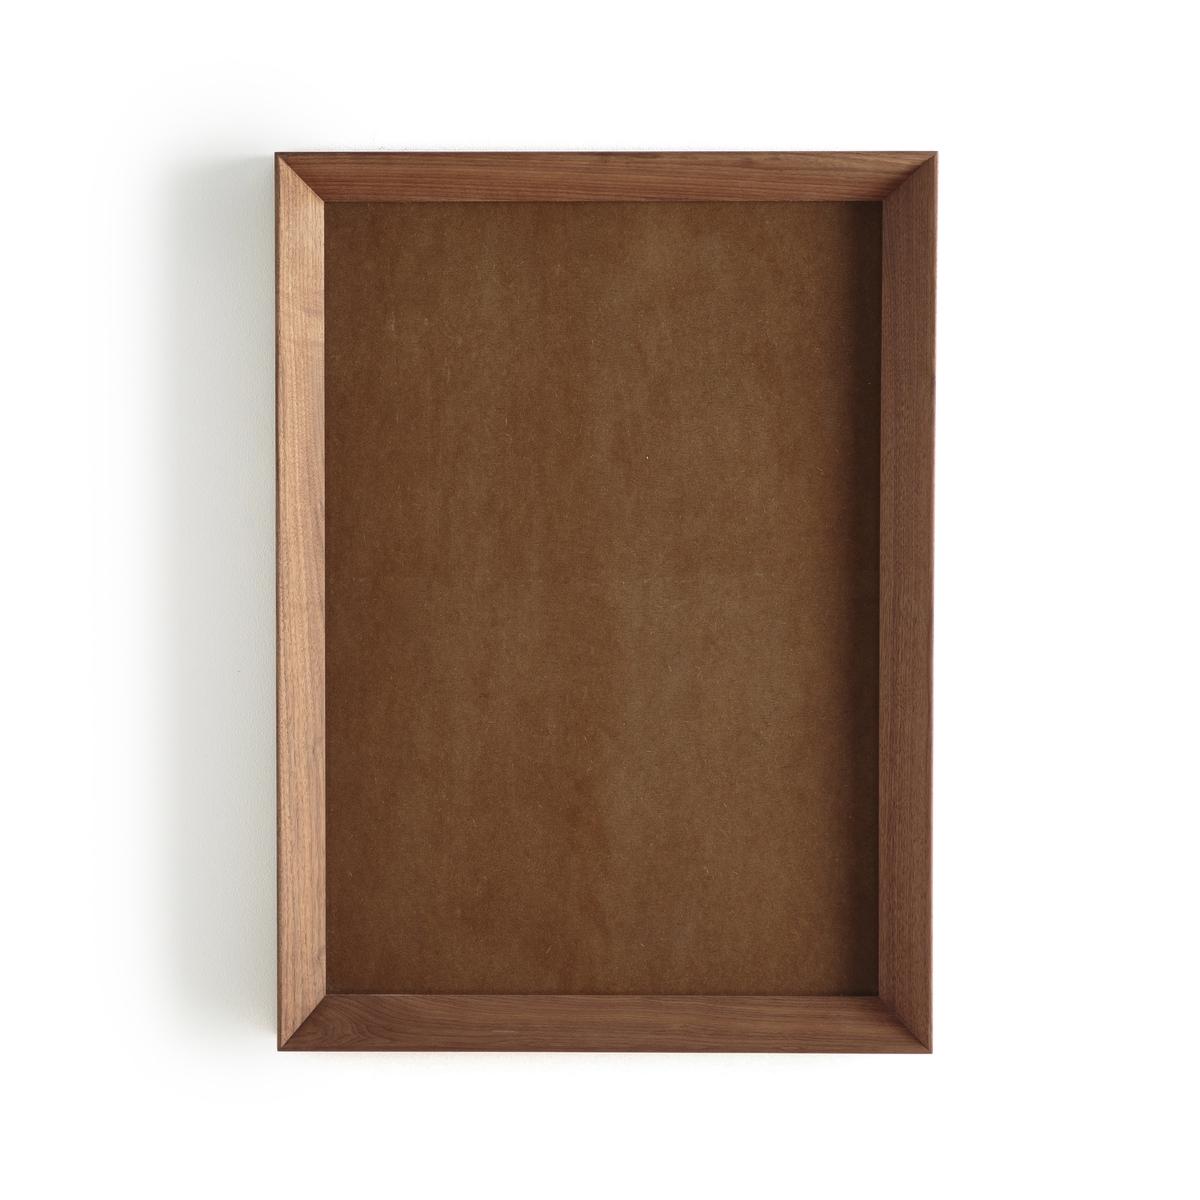 Рамка из орехового дерева, MilouinLa Redoute<br>Рамка Milouin. Контур из массива орехового дерева со скошенными краями и стекло. 4 пластины для горизонтального или вертикального крепления к стене. Для плаката размером 50 x 70 см. Размеры рамки: Ш54 x В74,5 см. Сочетается с плакатами Mitranda и Bialik, продающимися на нашем сайте.<br><br>Цвет: ореховый